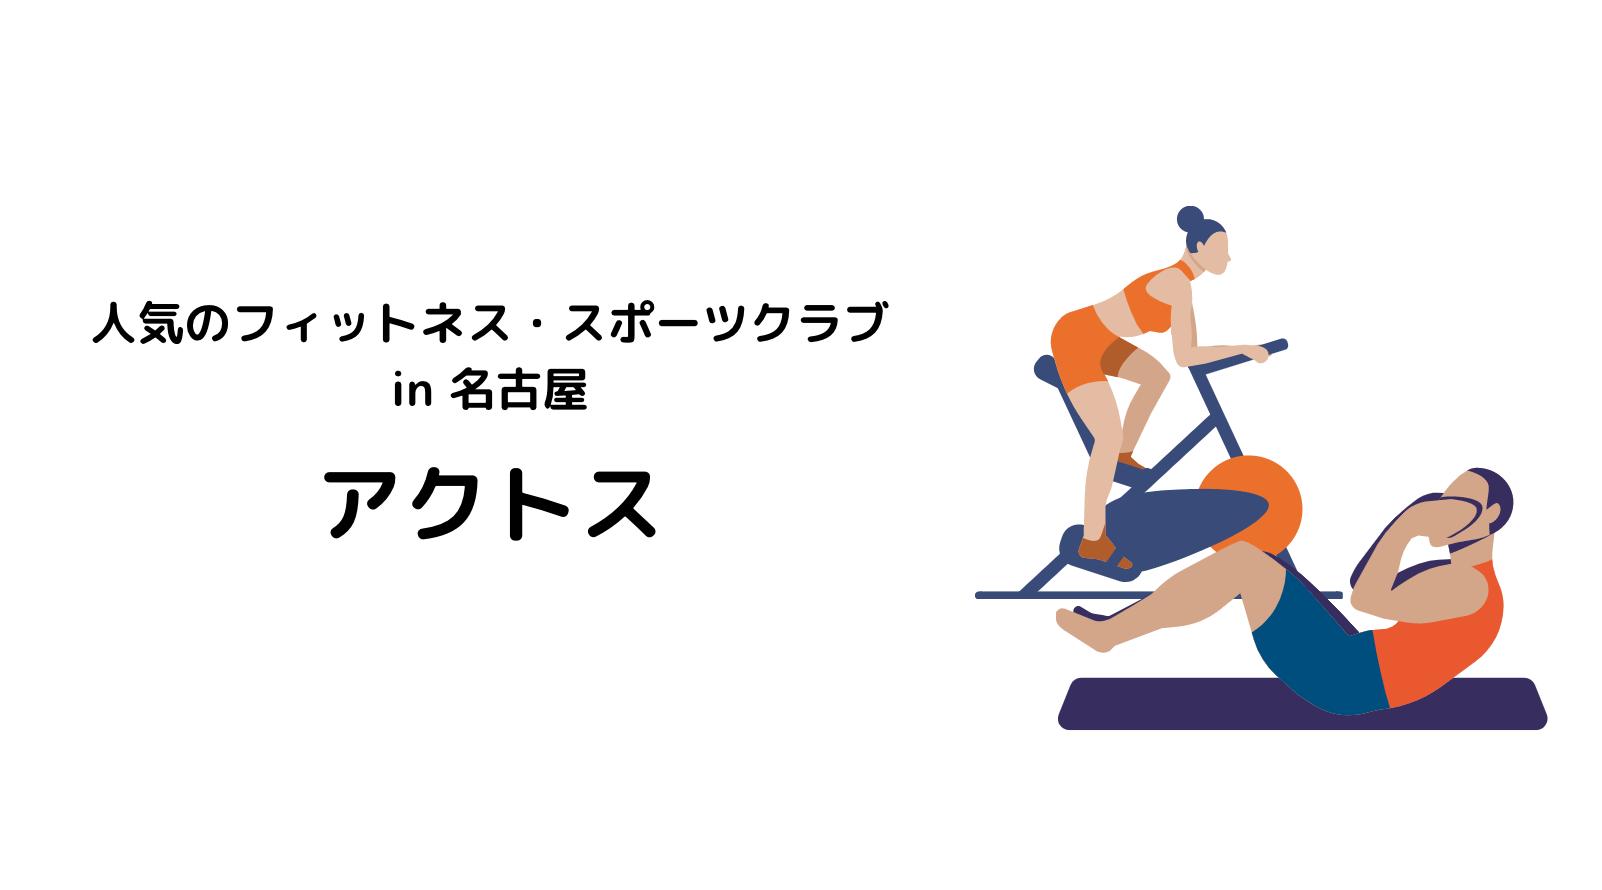 名古屋_ジム_フィットネスジム_スポーツジム_フィットネスクラブ_スポーツクラブ_おすすめ_人気_ランキング_アクトス